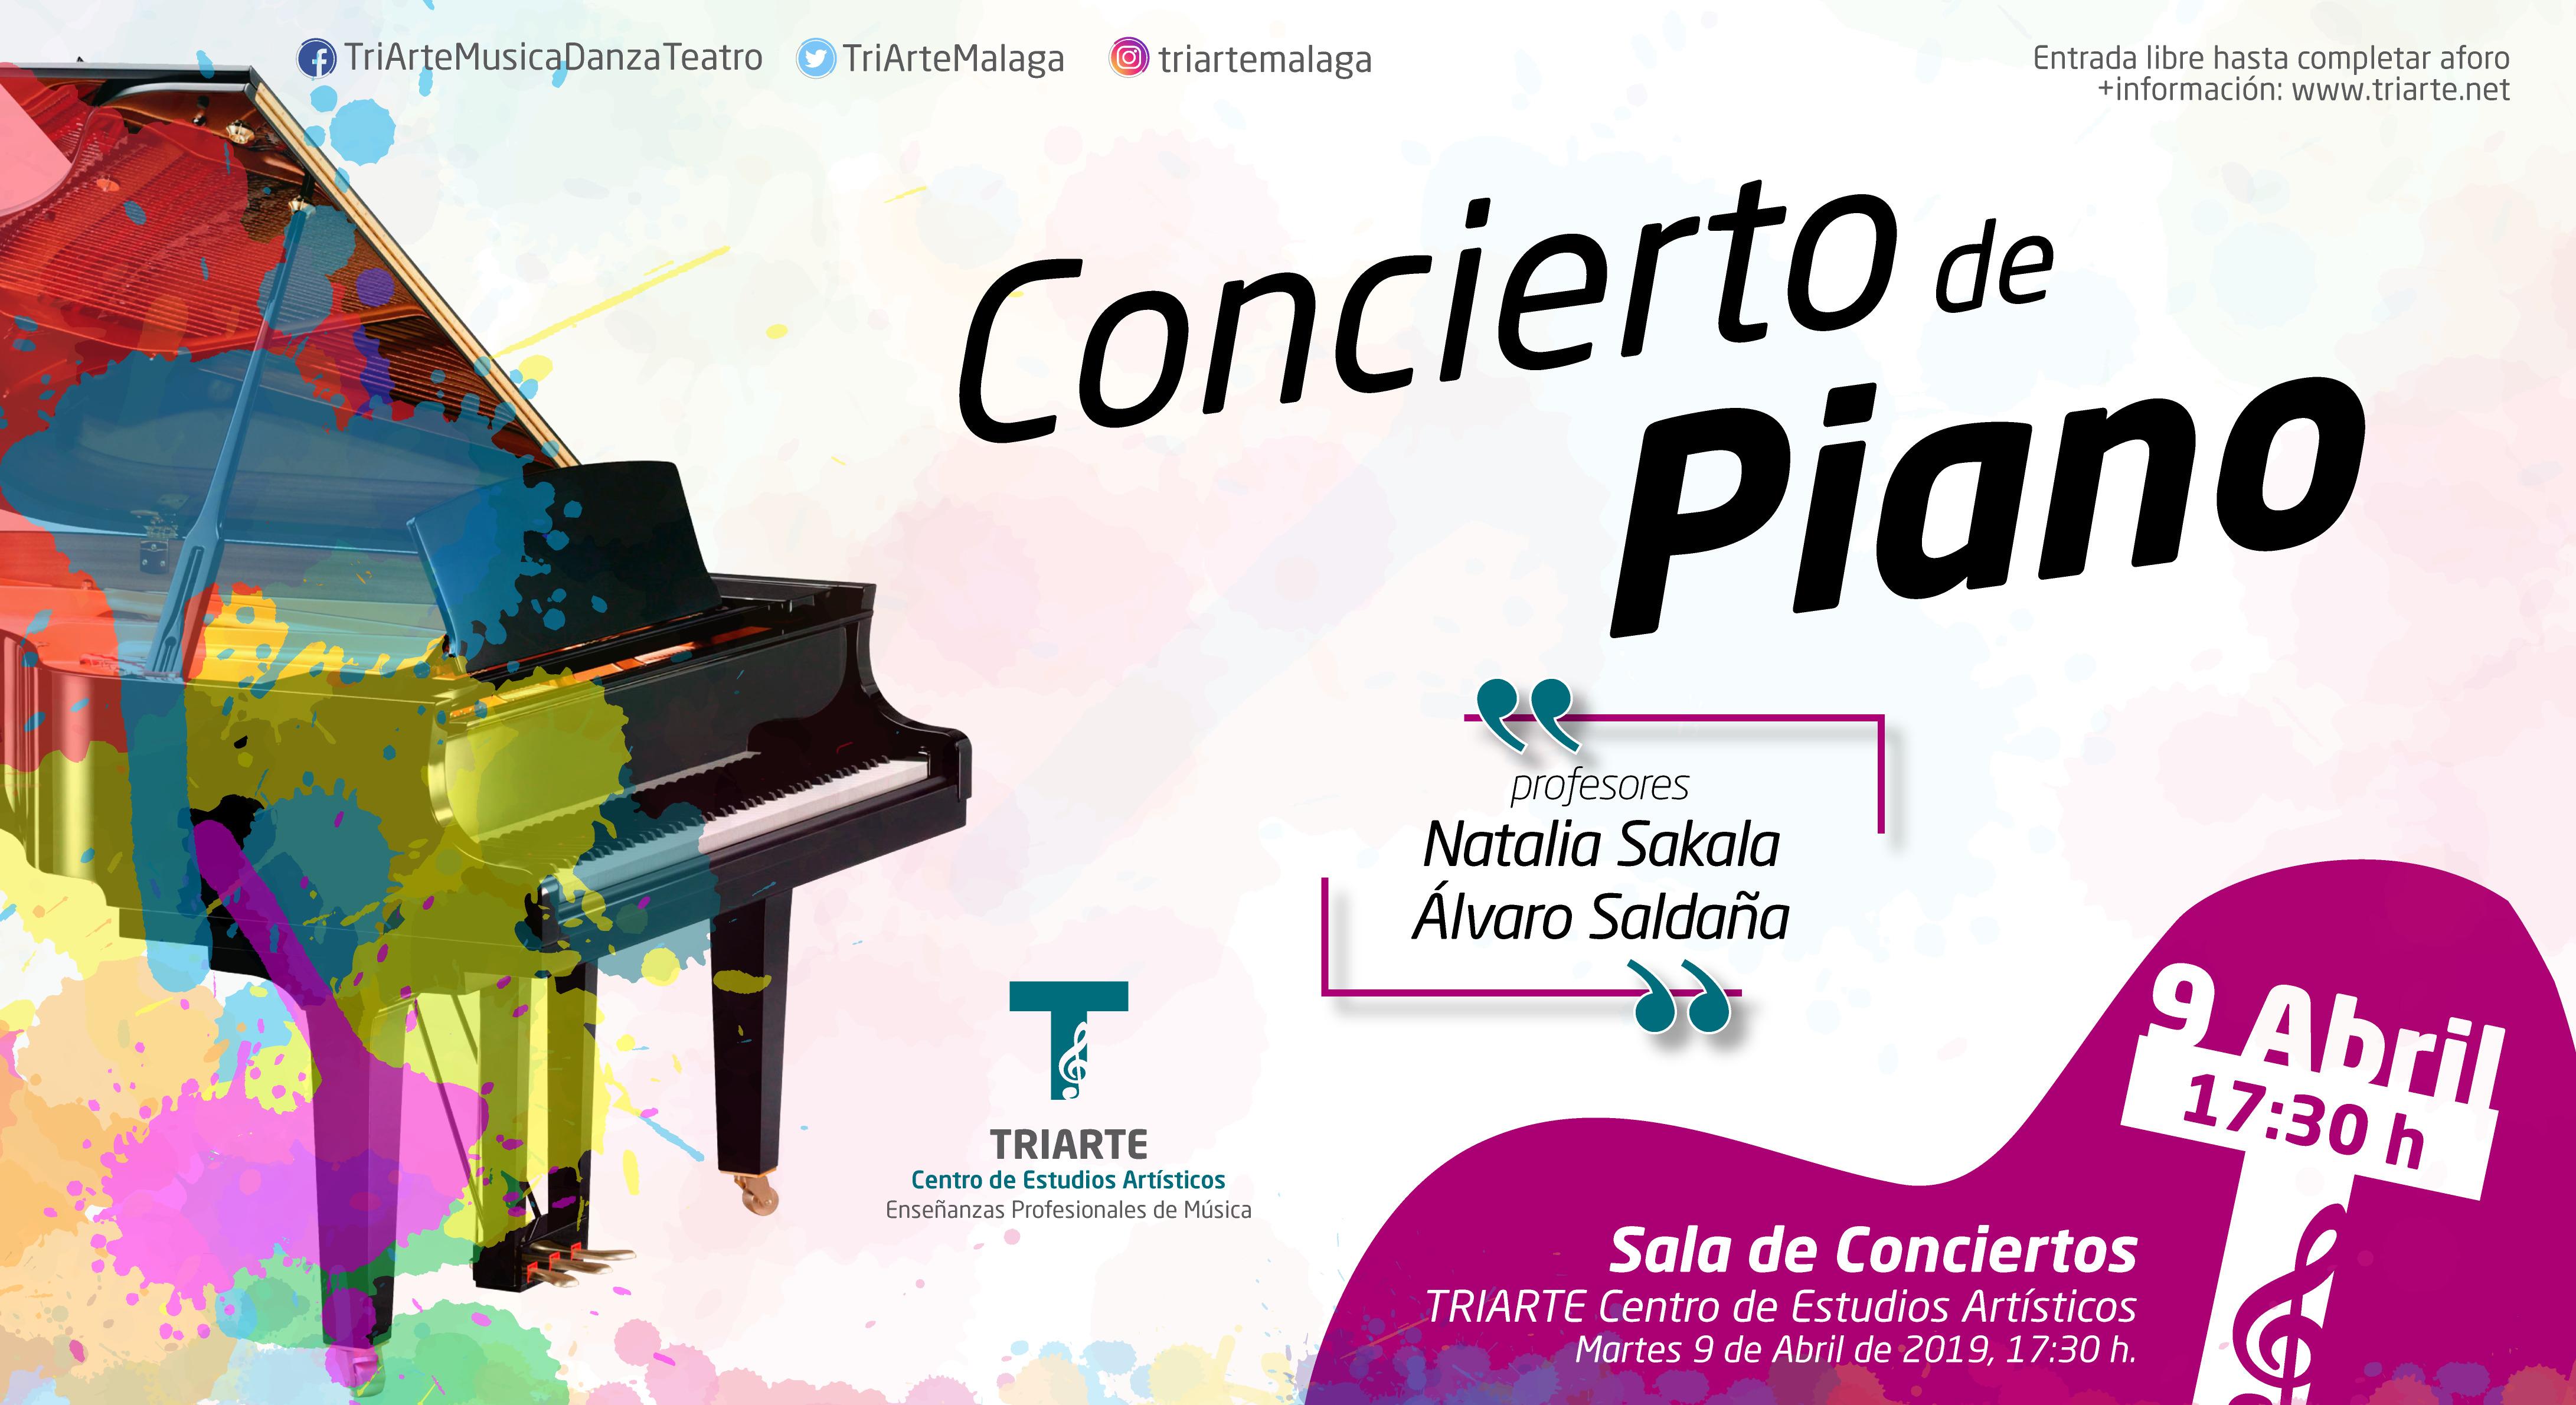 Concierto de Piano. Alumnos de Álvaro Saldaña y Natalia Sakala. Abril 2019. Triarte, Málaga.